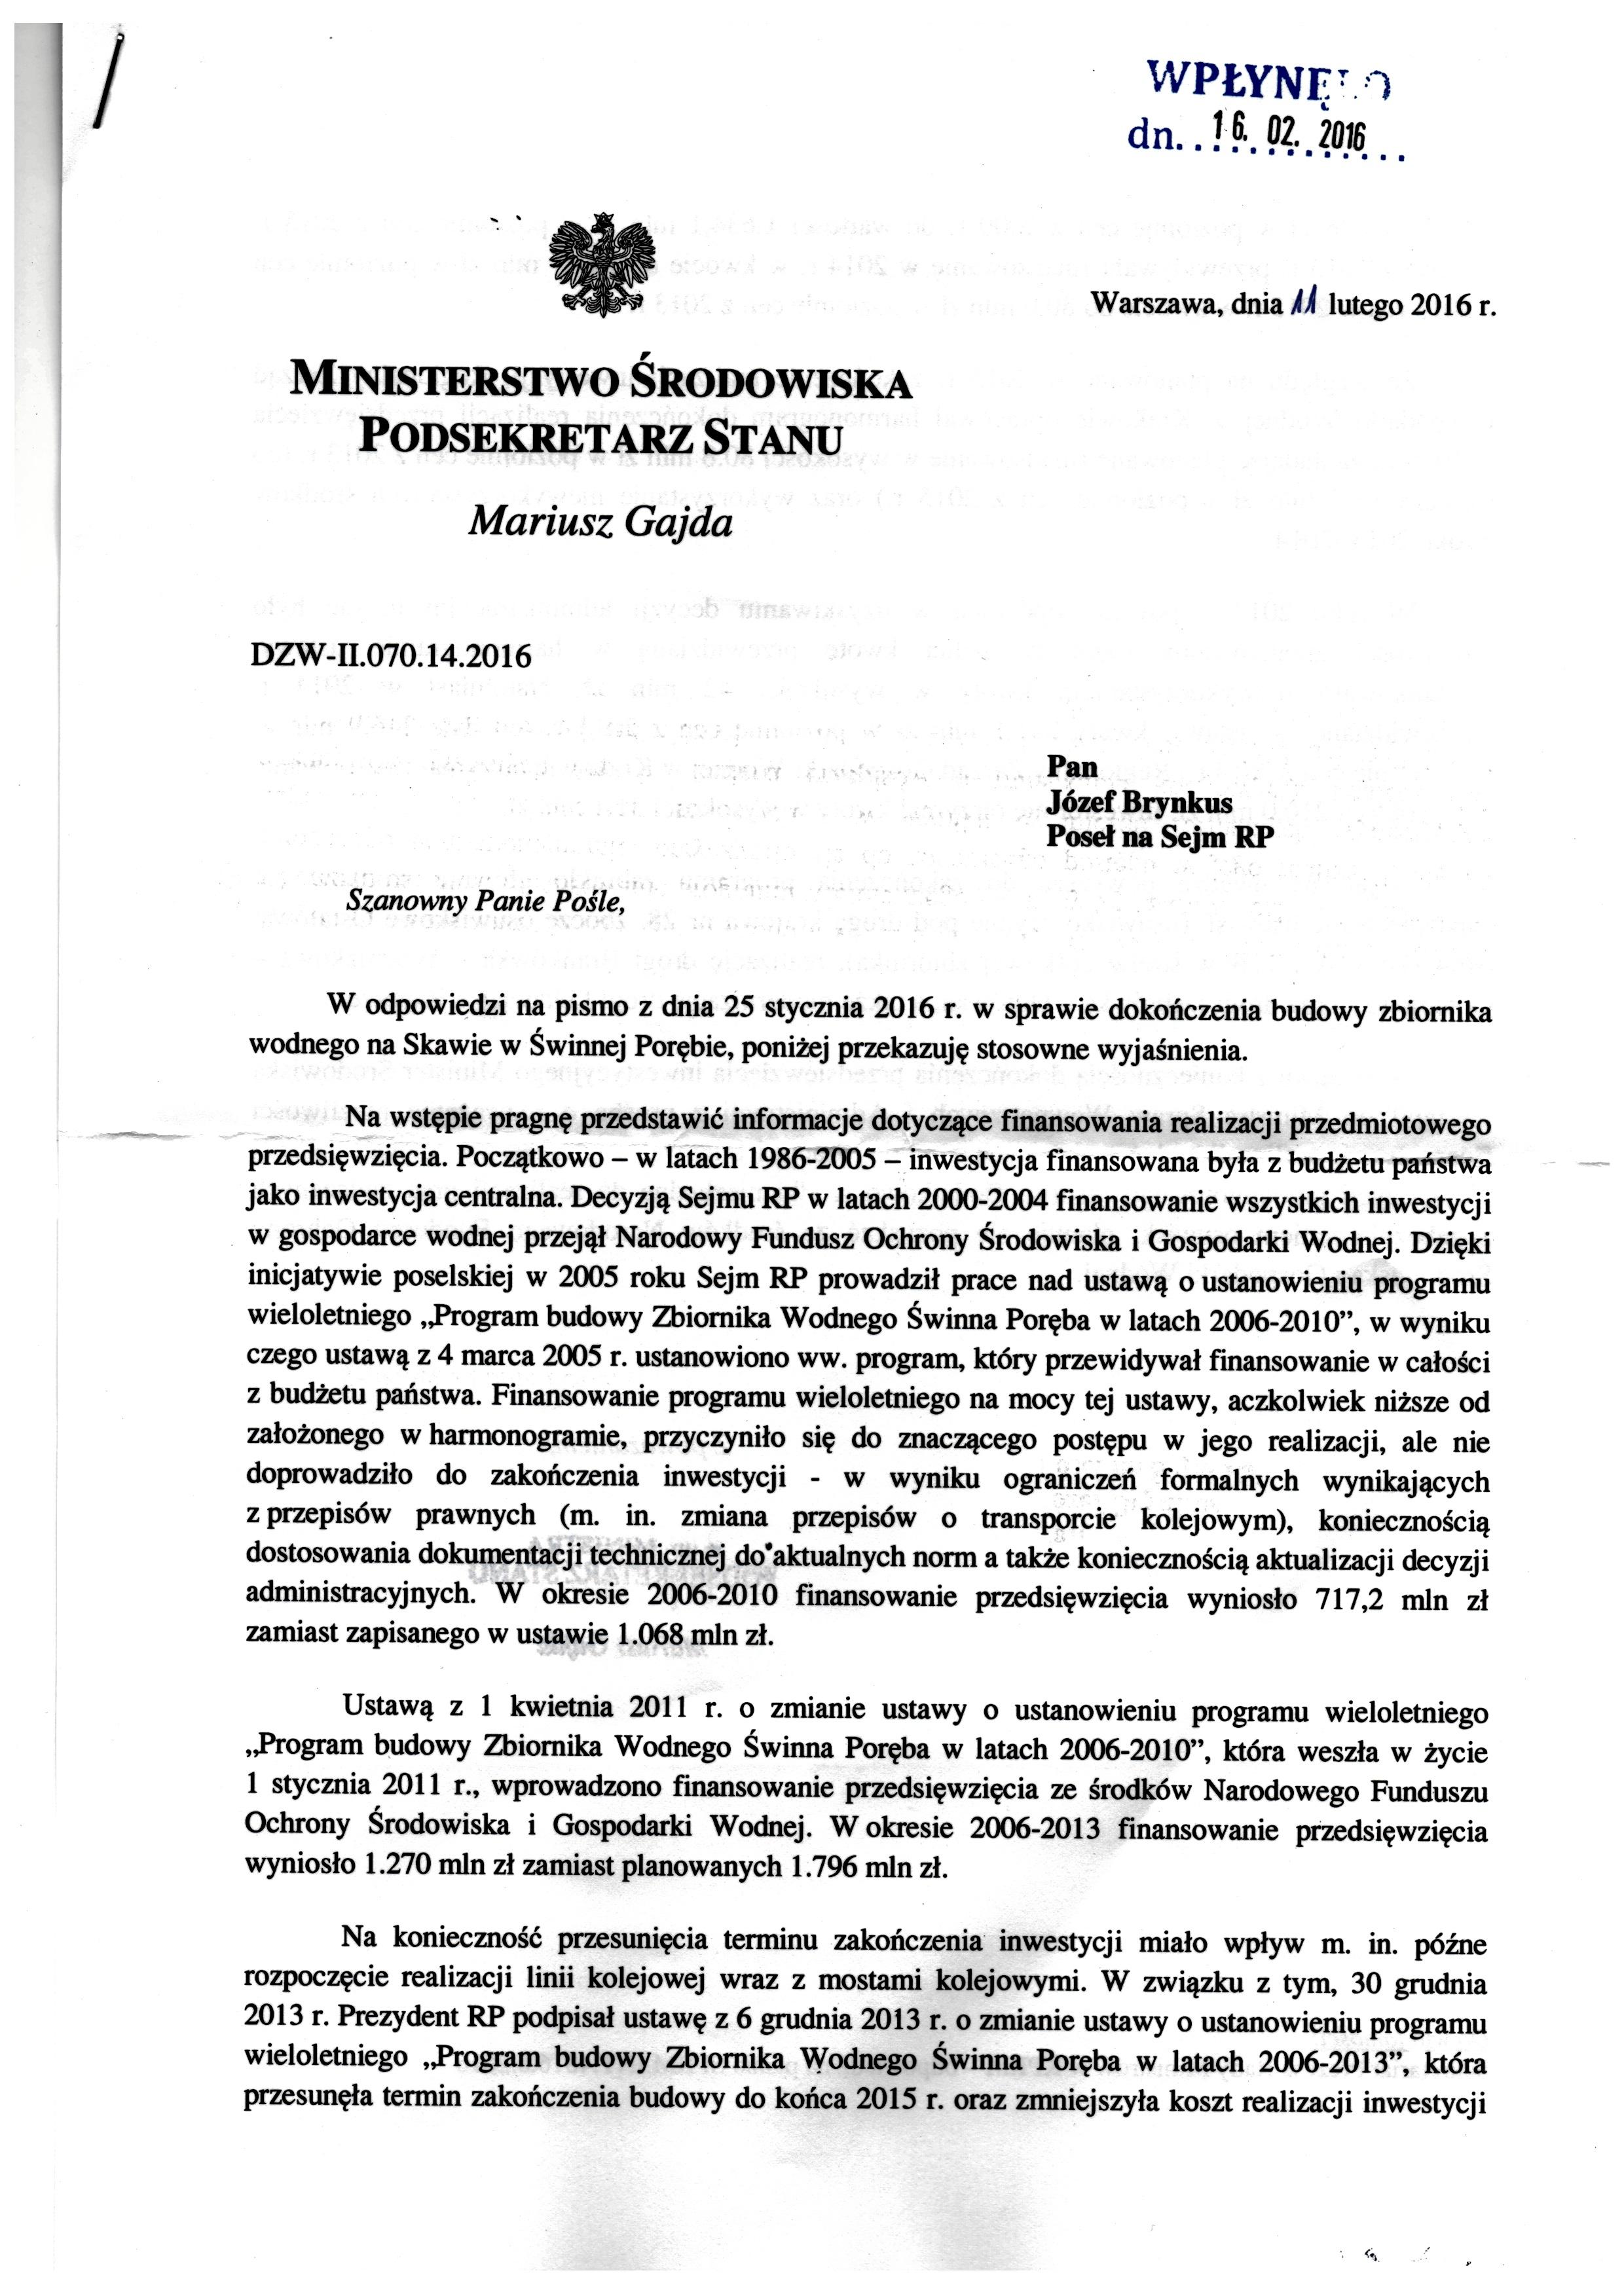 Zbiornik wodny - pismo zMinisterstwa Ochrony Środowiska ws środków nadkończenie budowy Jeziora Mucharskiego str.1